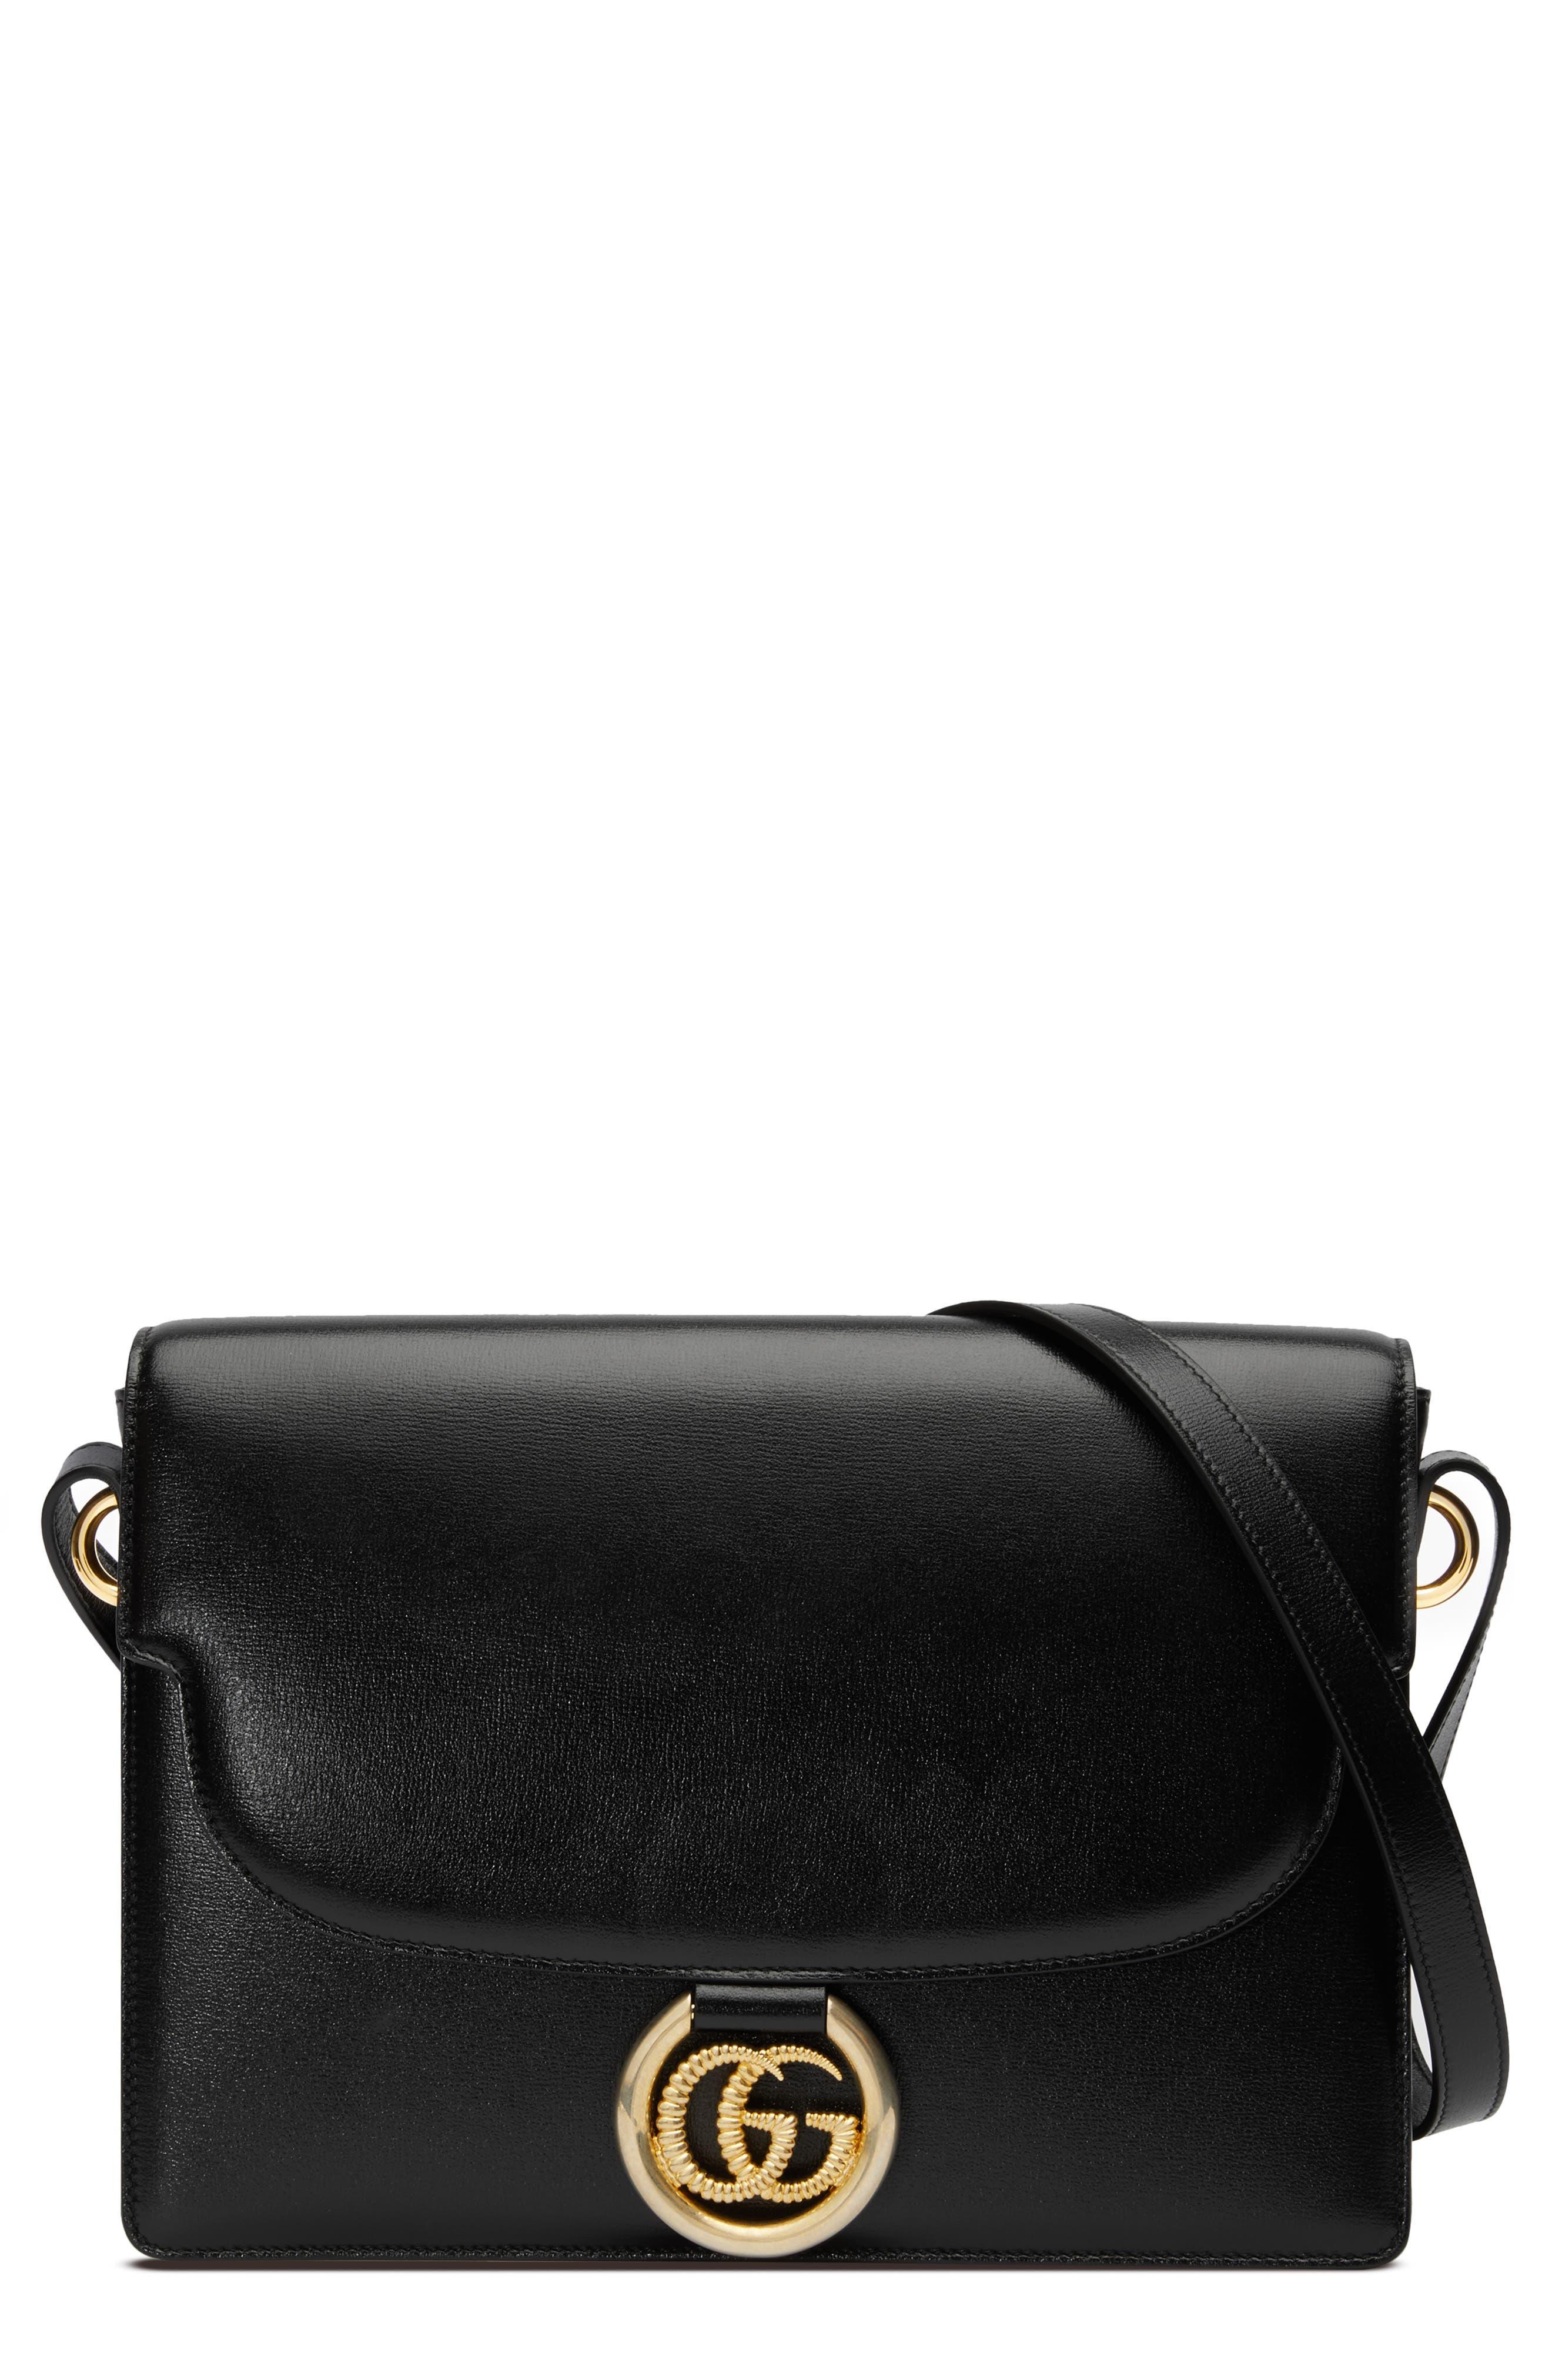 Gucci Shoulder Medium GG Ring Leather Shoulder Bag